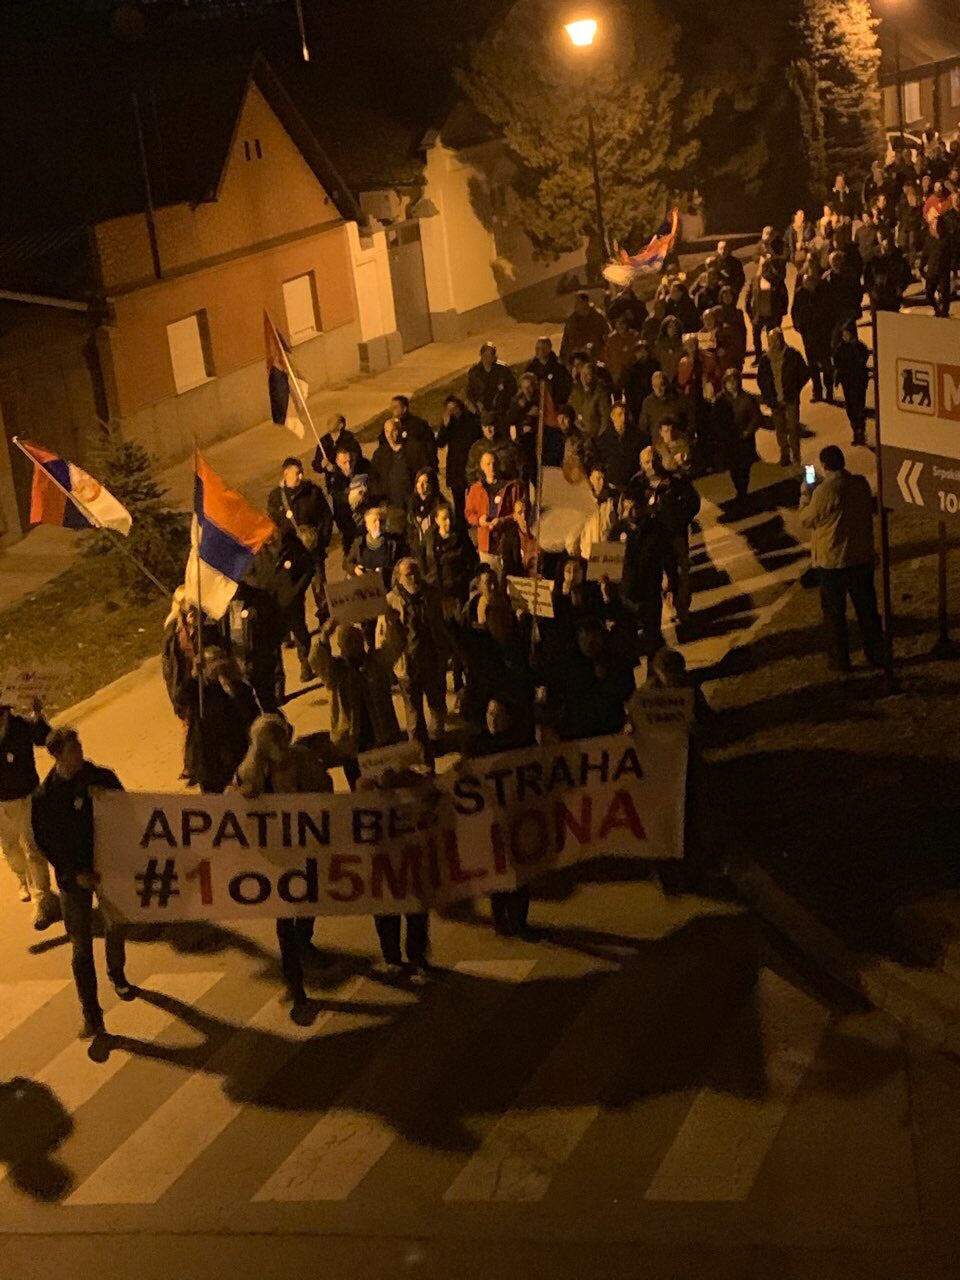 Protesti 1 od 5 miliona u više gradova (VIDEO, FOTO) 22